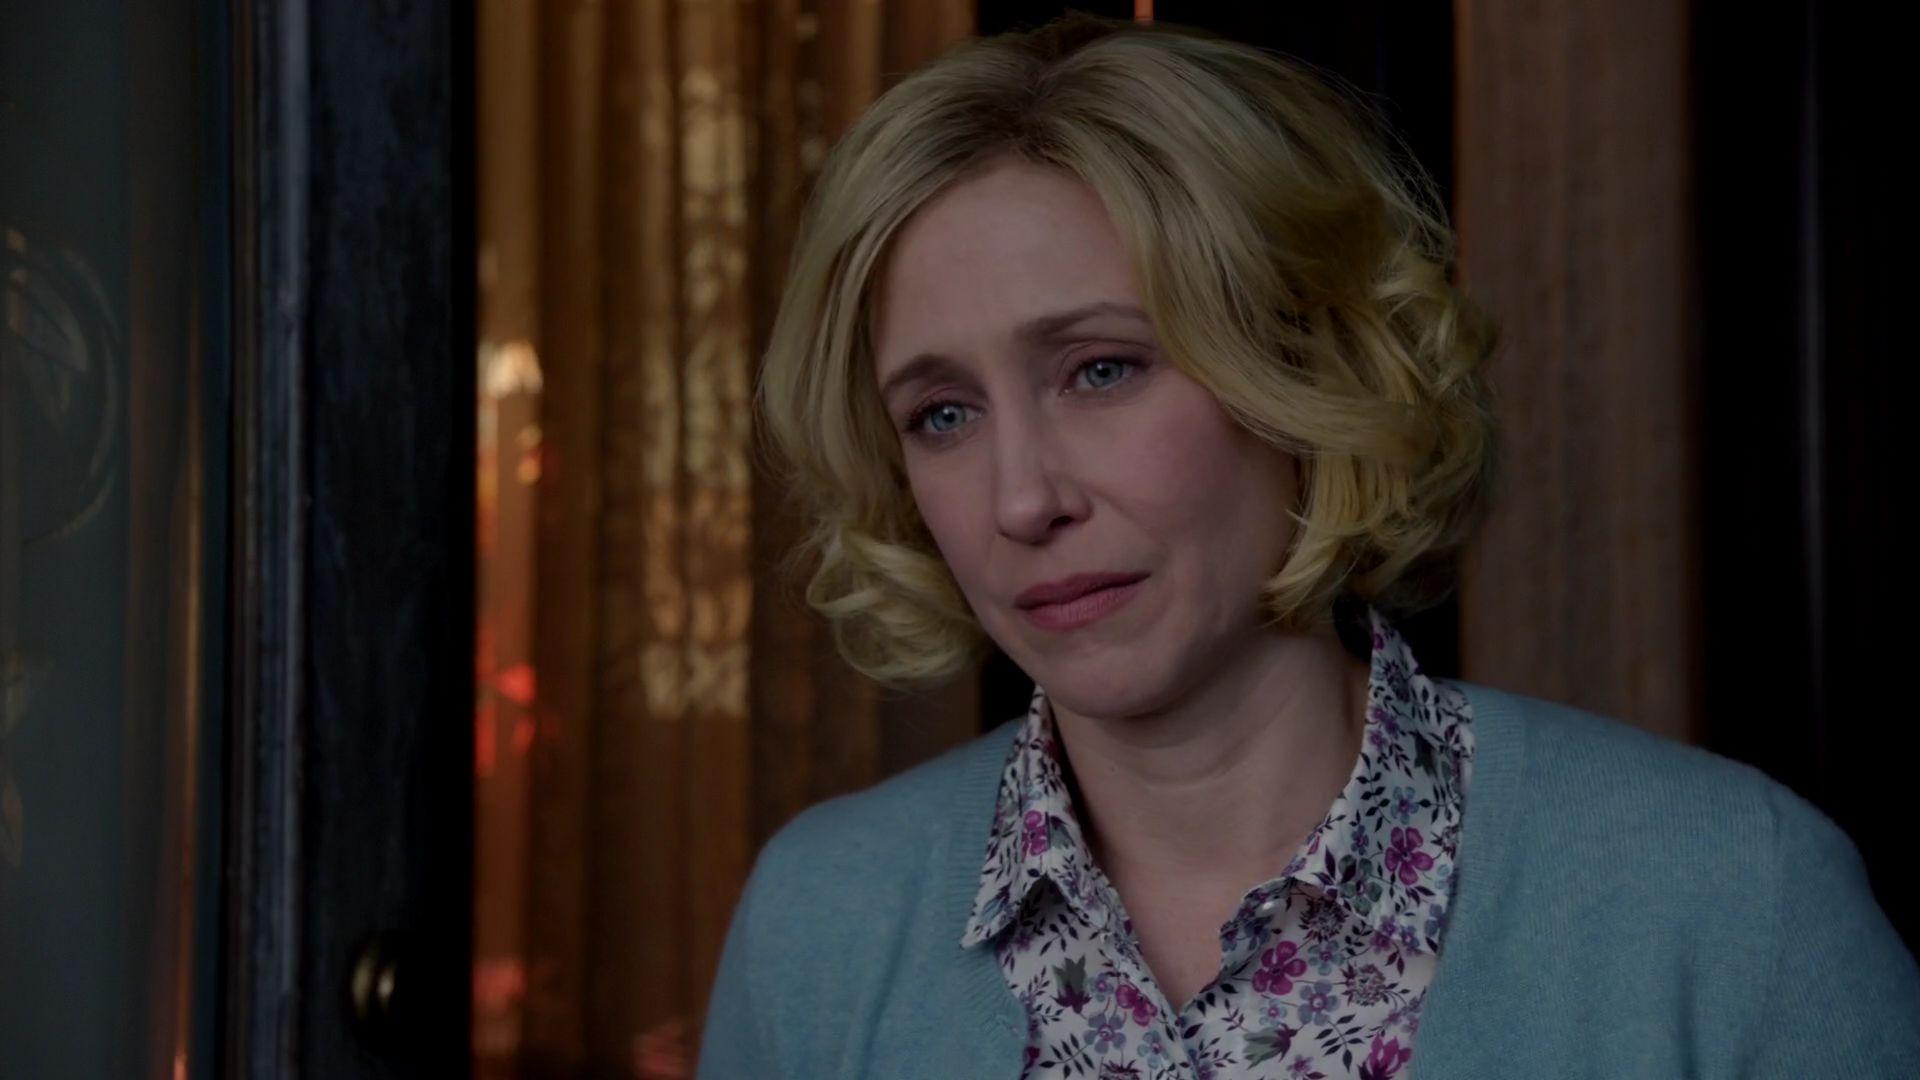 Norma Bates (Bates Motel) Screencaps